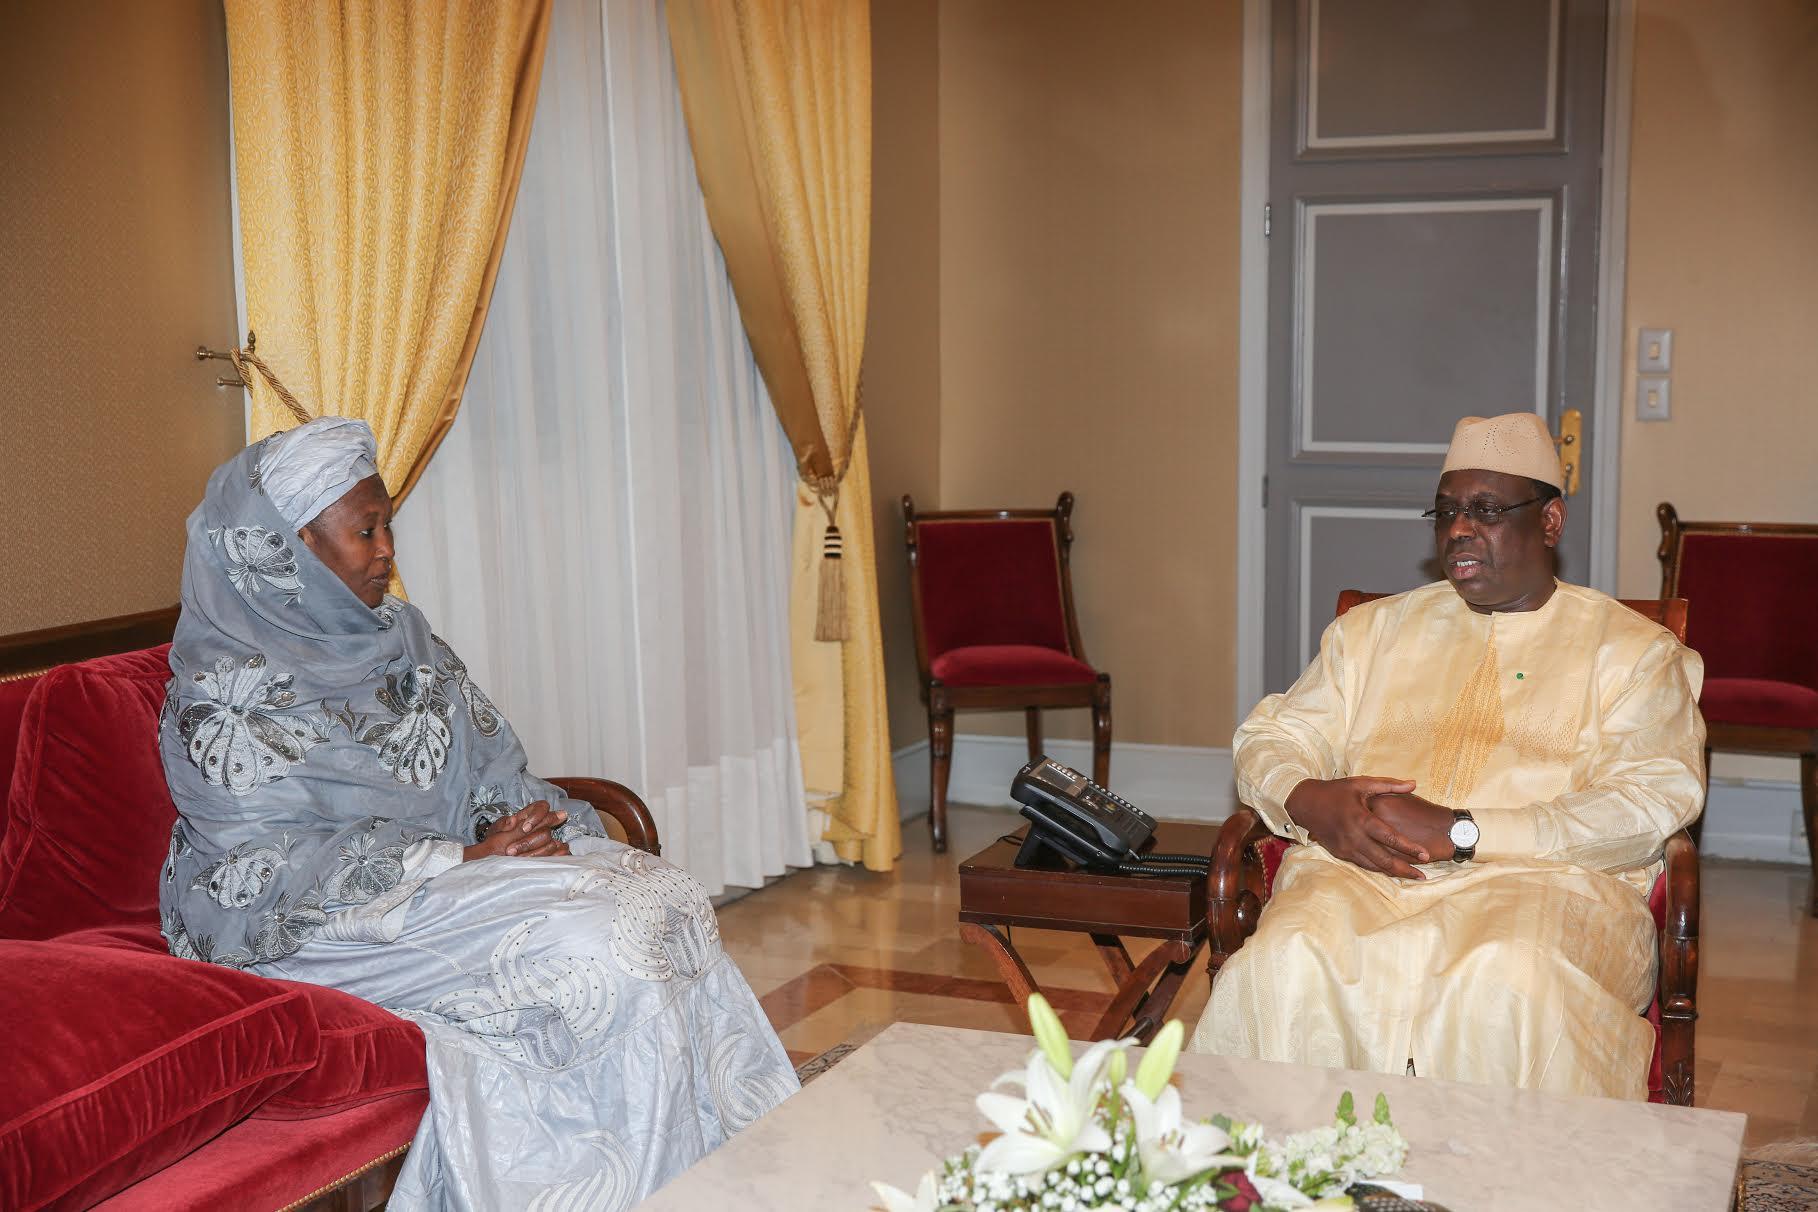 AUDIENCE AU PALAIS : Le président Macky Sall a reçu Mme Fatoumata Jallow Tambajang, Vice-présidente de la Gambie